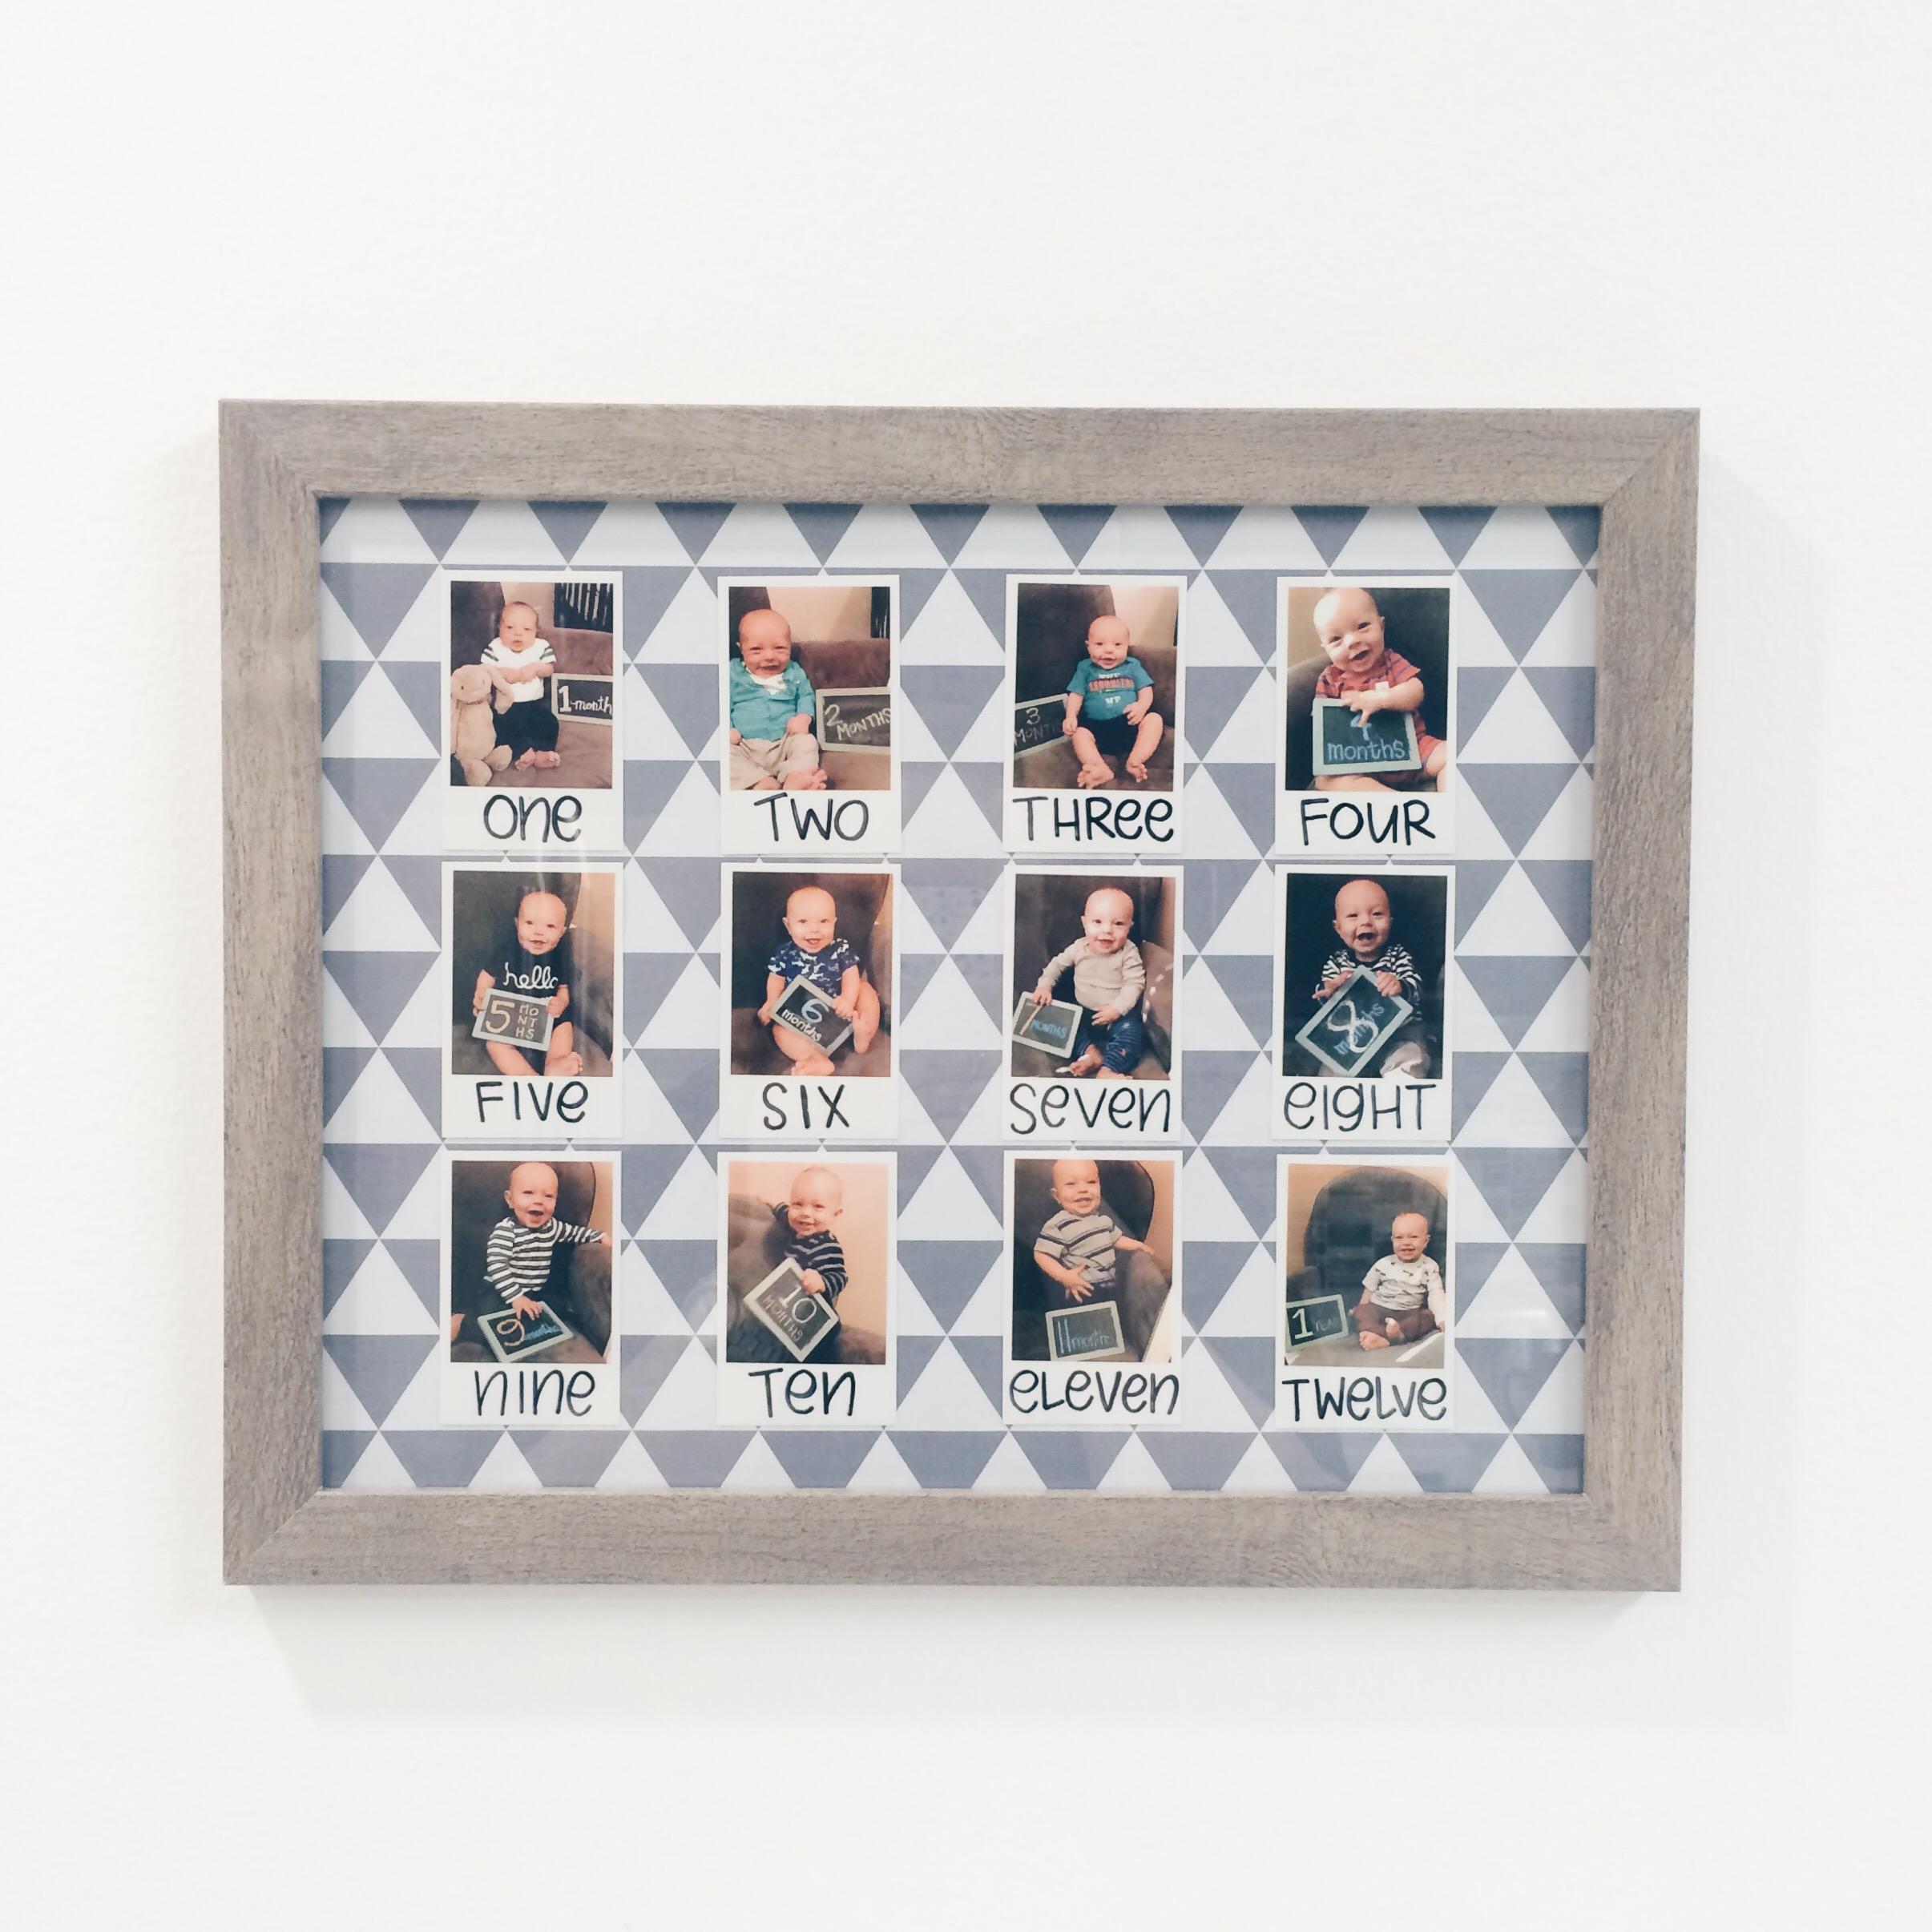 3x3 collage of Polaroid baby photos